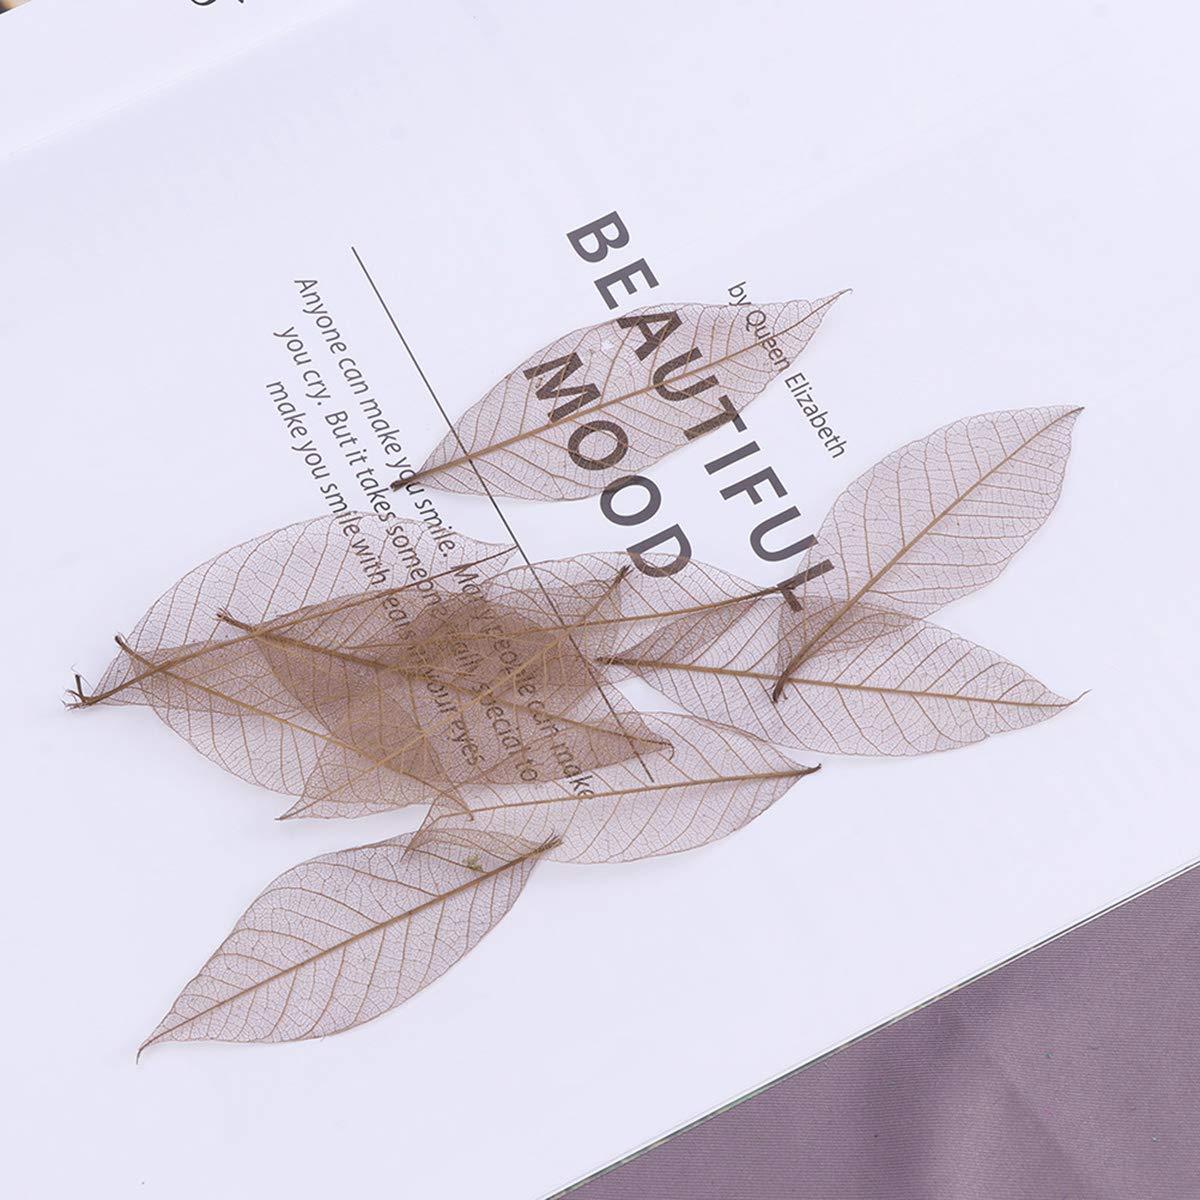 marr/ón SUPVOX 50 piezas de caucho natural esqueleto deja hojas artificiales tarjeta del arte Scrapbook Diy hecho a mano adorno decoraci/ón arte